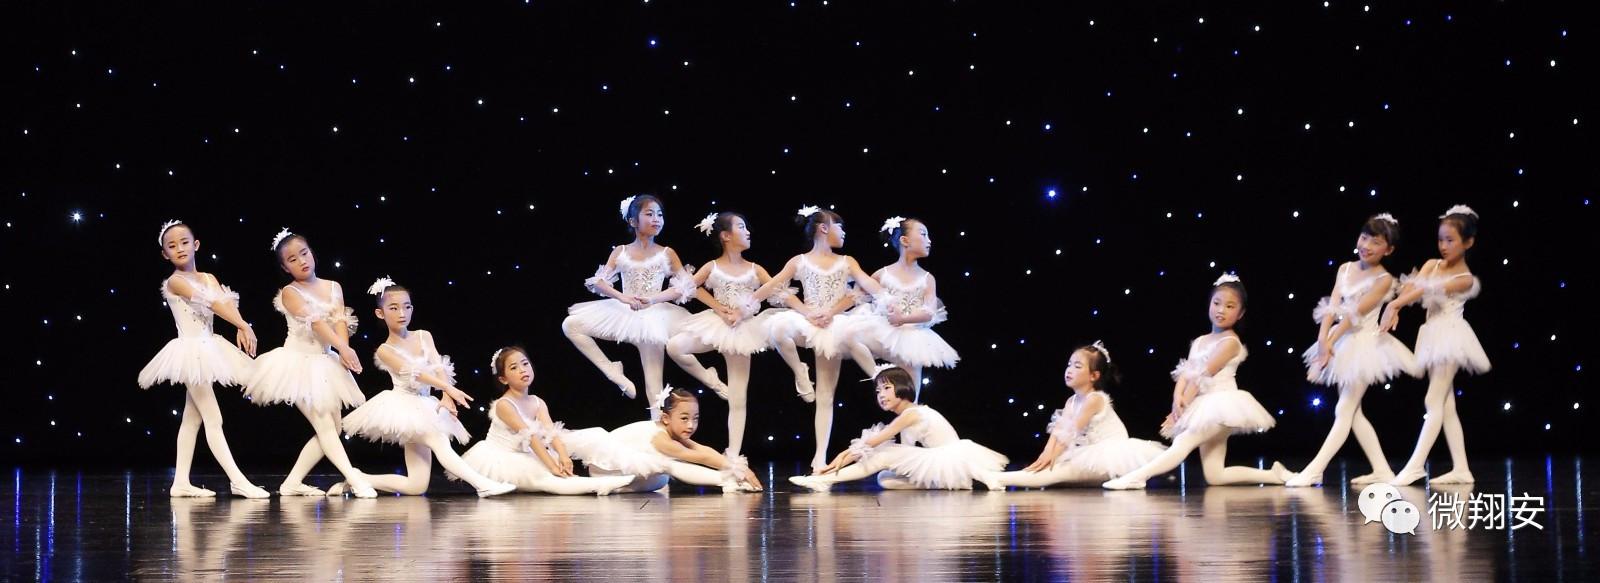 舞蹈_大牌福利丨朵拉舞蹈进驻翔安了!少女心爆棚